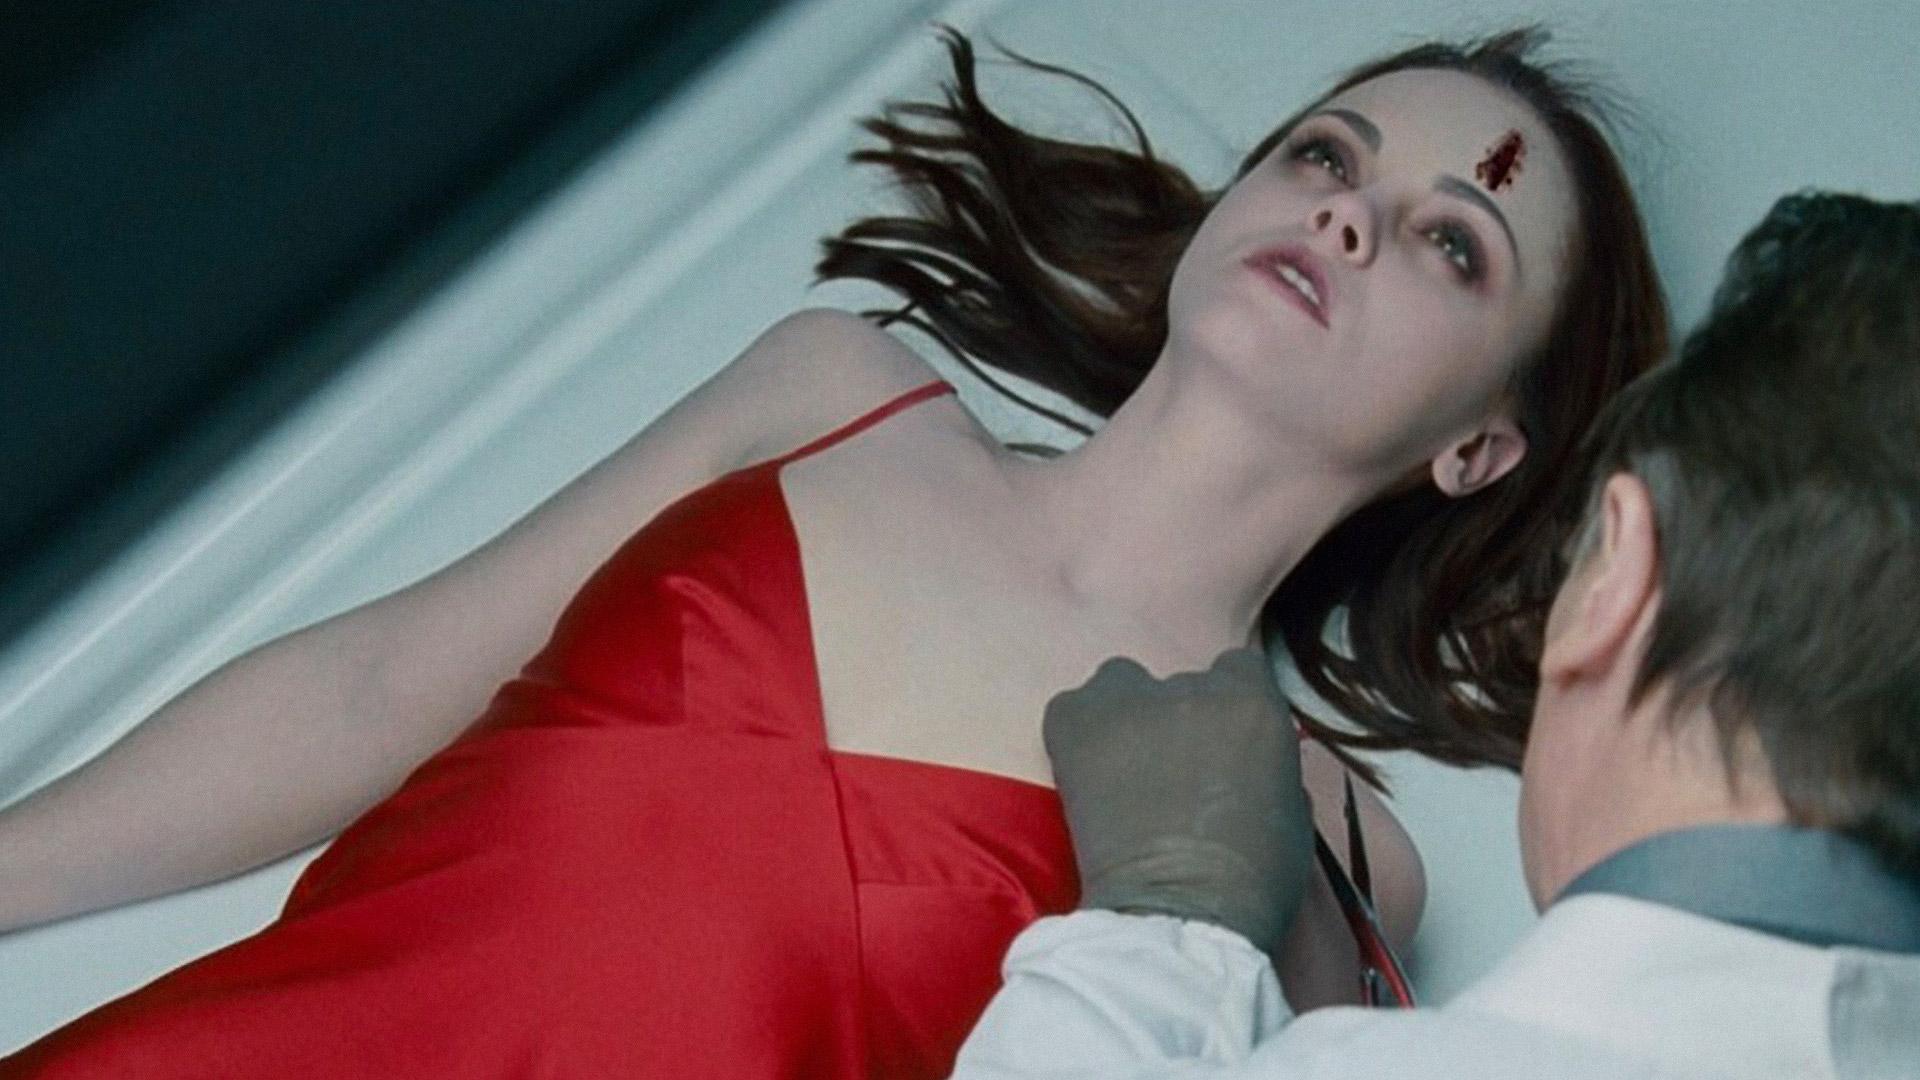 5 nữ diễn viên chịu khoe thân táo bạo đến 100% suốt cả phim, nhìn bỏng mắt mà vẫn rét run! - Ảnh 1.